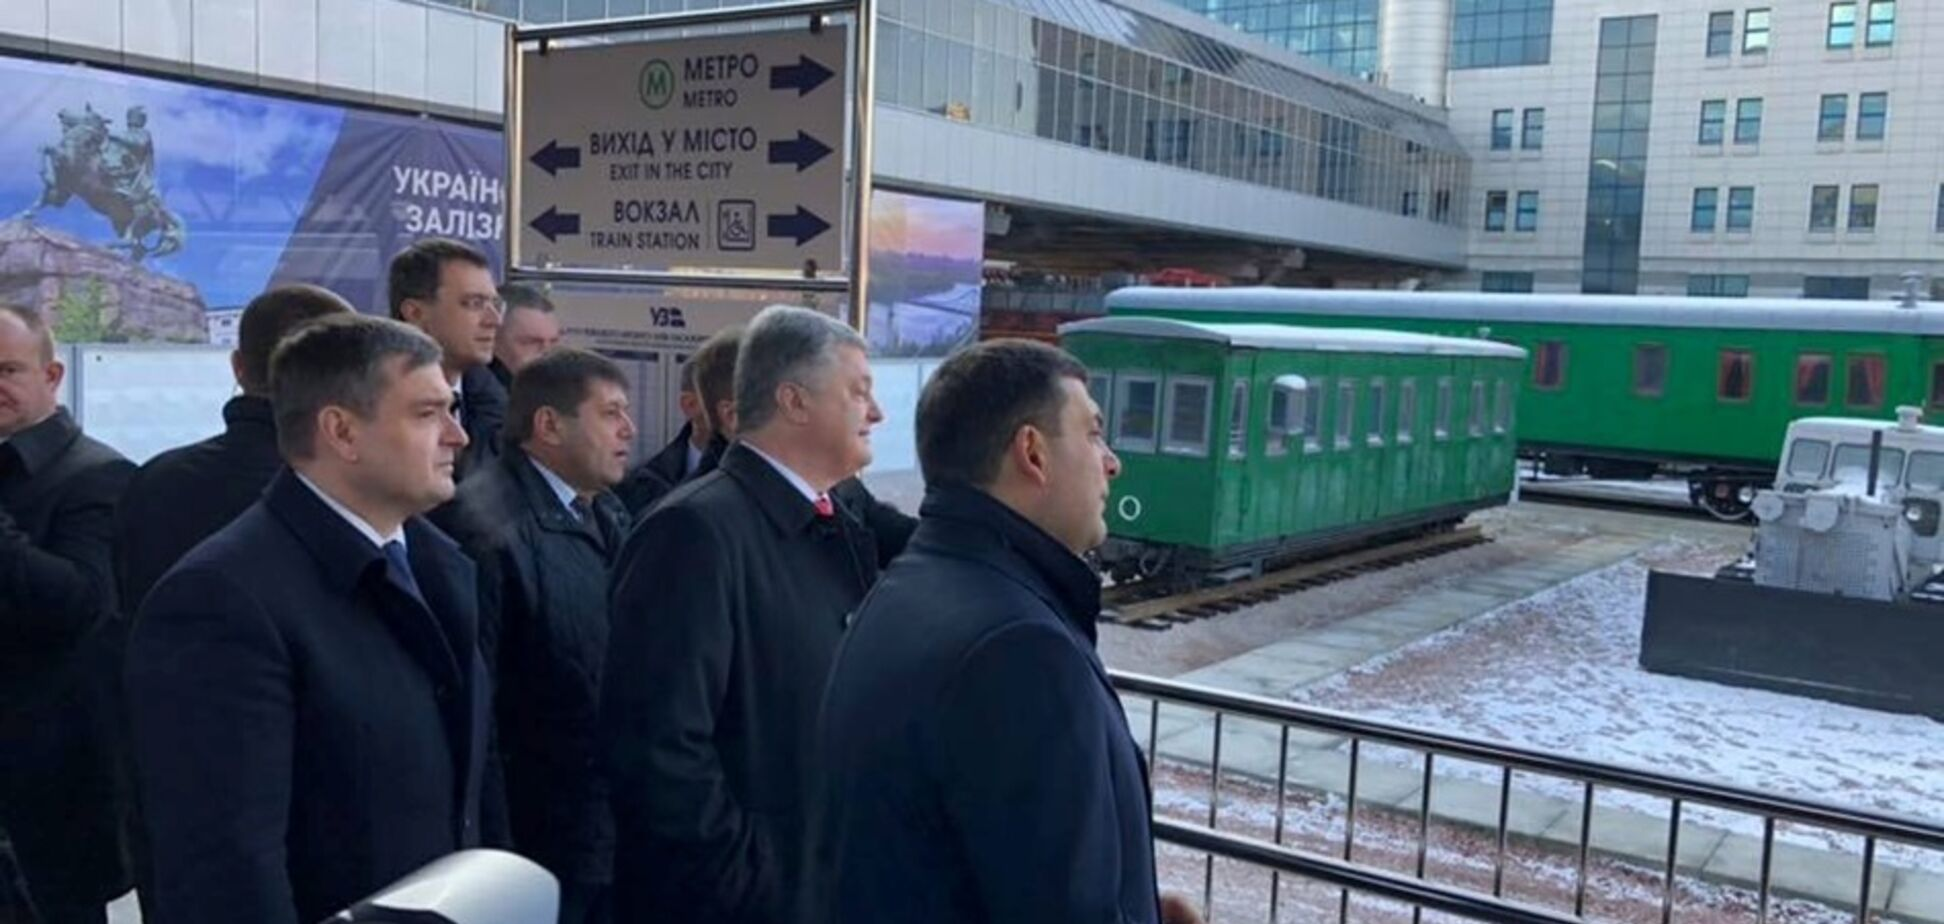 Помилка в написі на платформі експреса з Києва до Борисполя спантеличила мережу